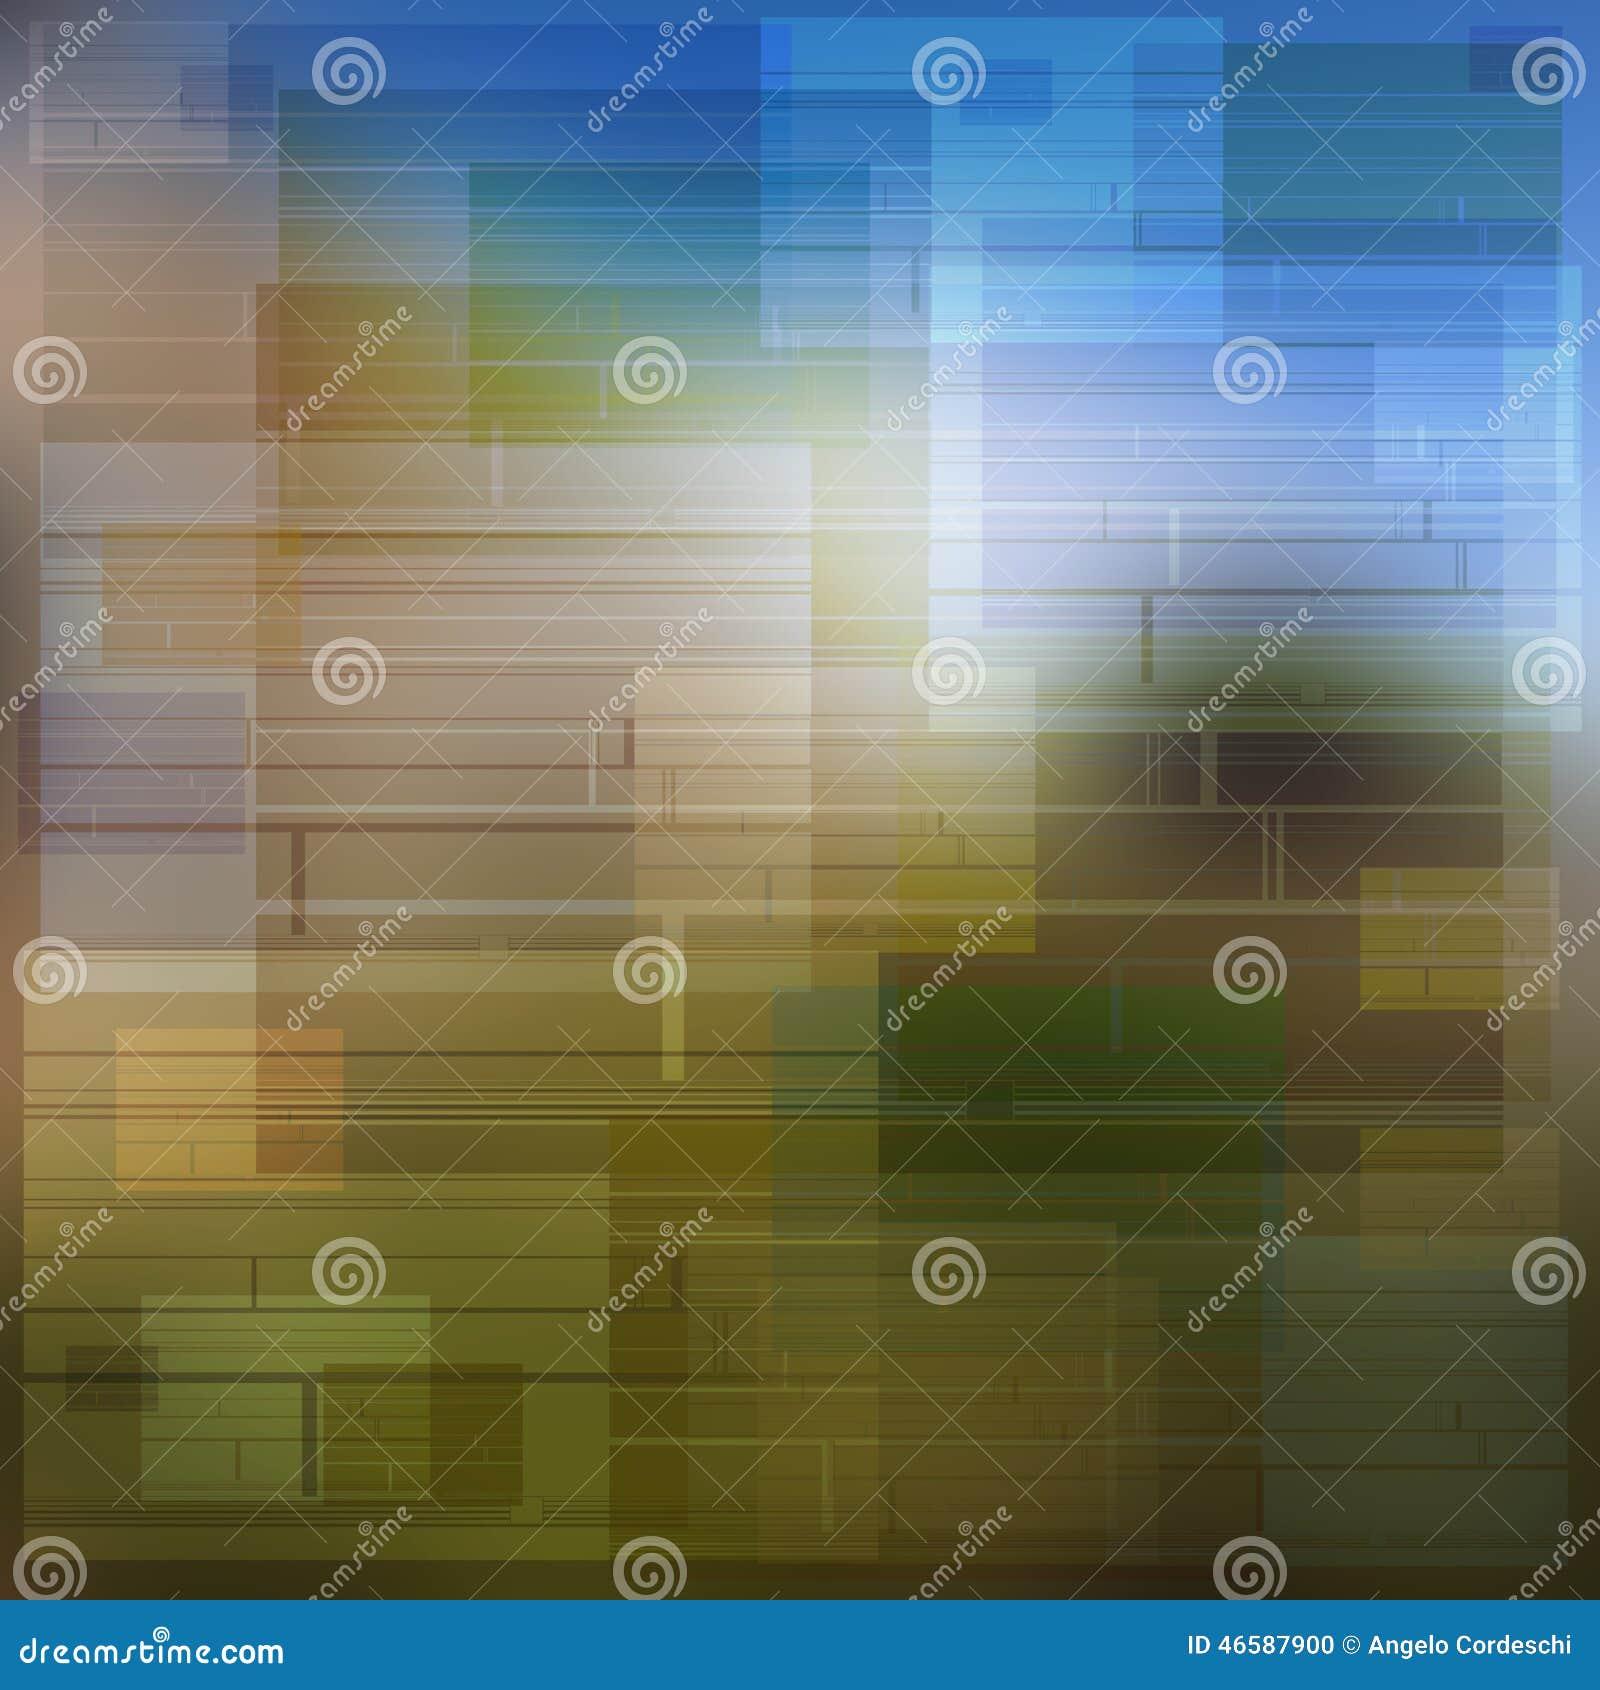 Ideeachtergrond van multicolored vierkanten en rechthoekenschaduwen